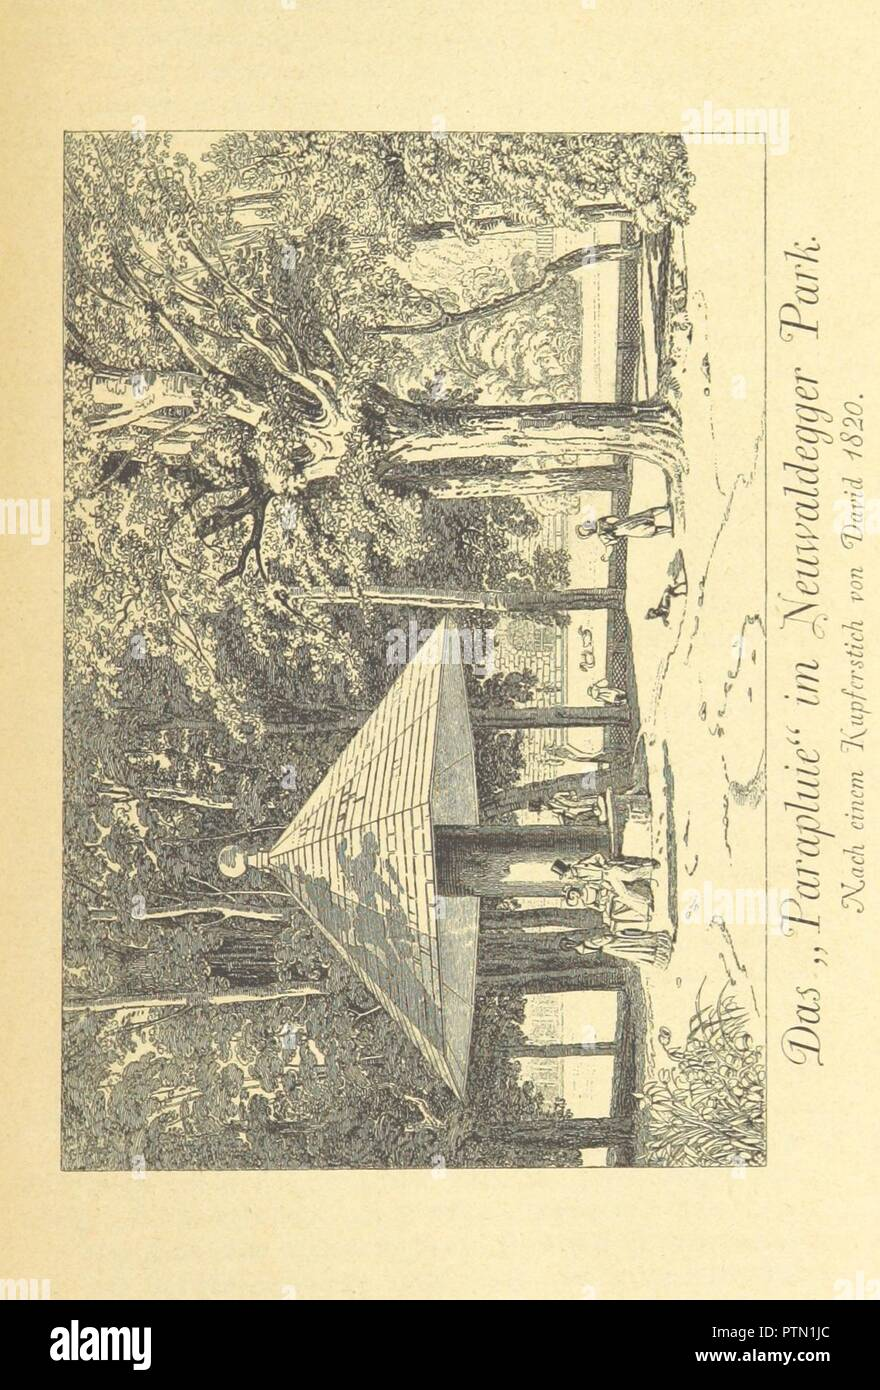 Page 73 Of Geschichte Der Ortschaften Dornbach Und Neuwaldegg Bei